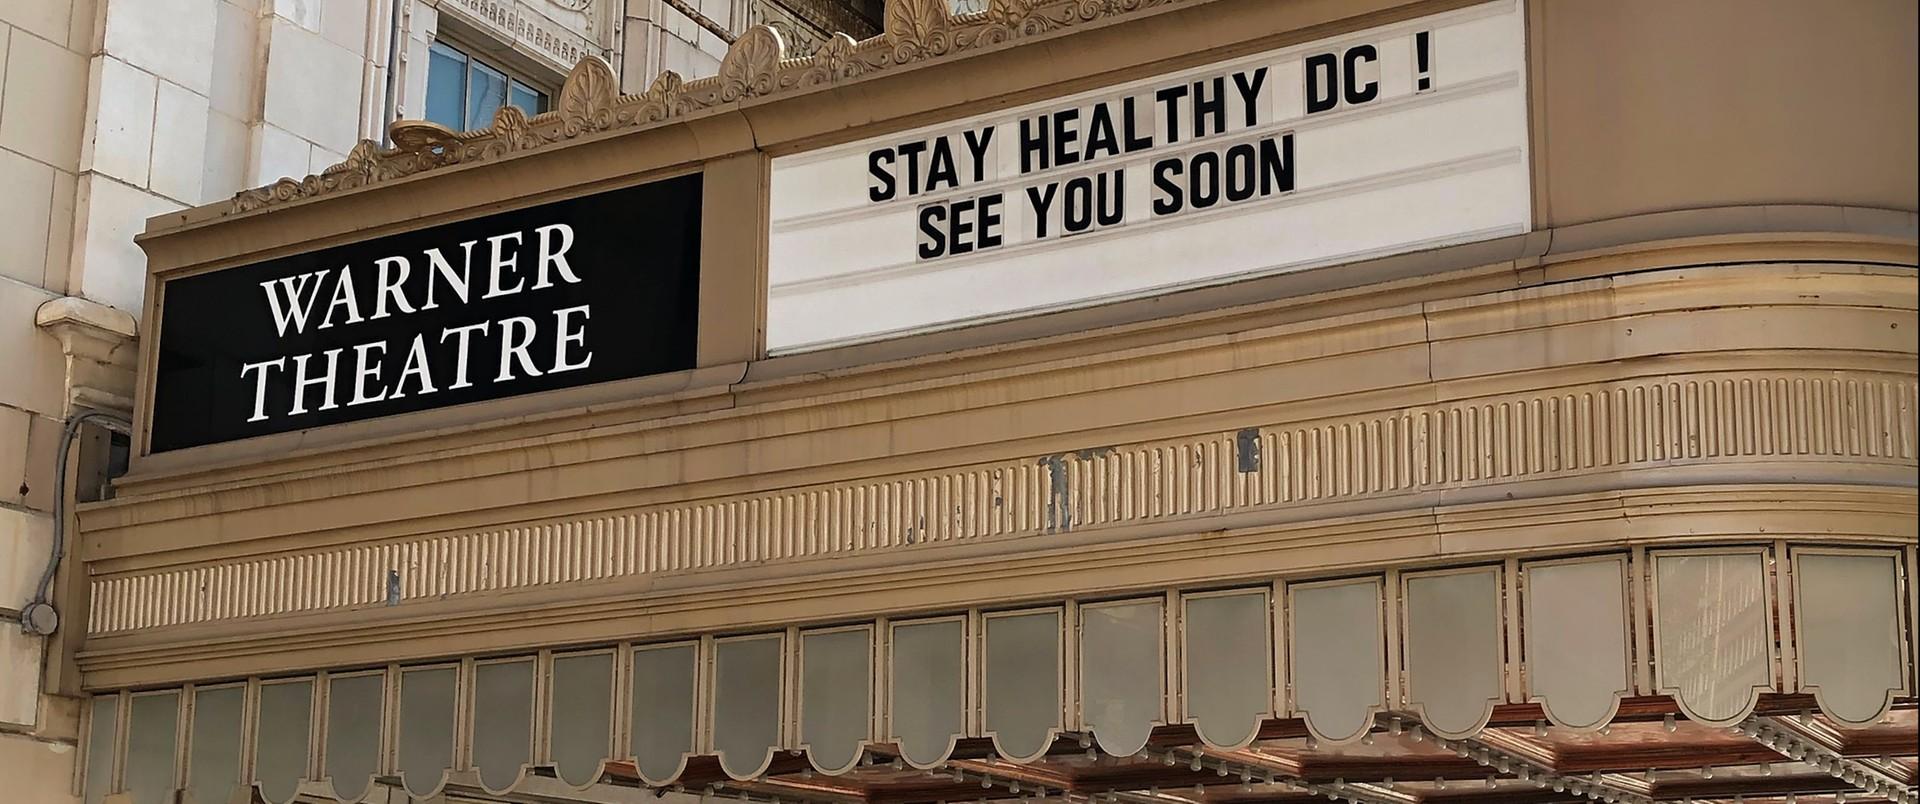 Zamknięty teatr w Waszyngtonie